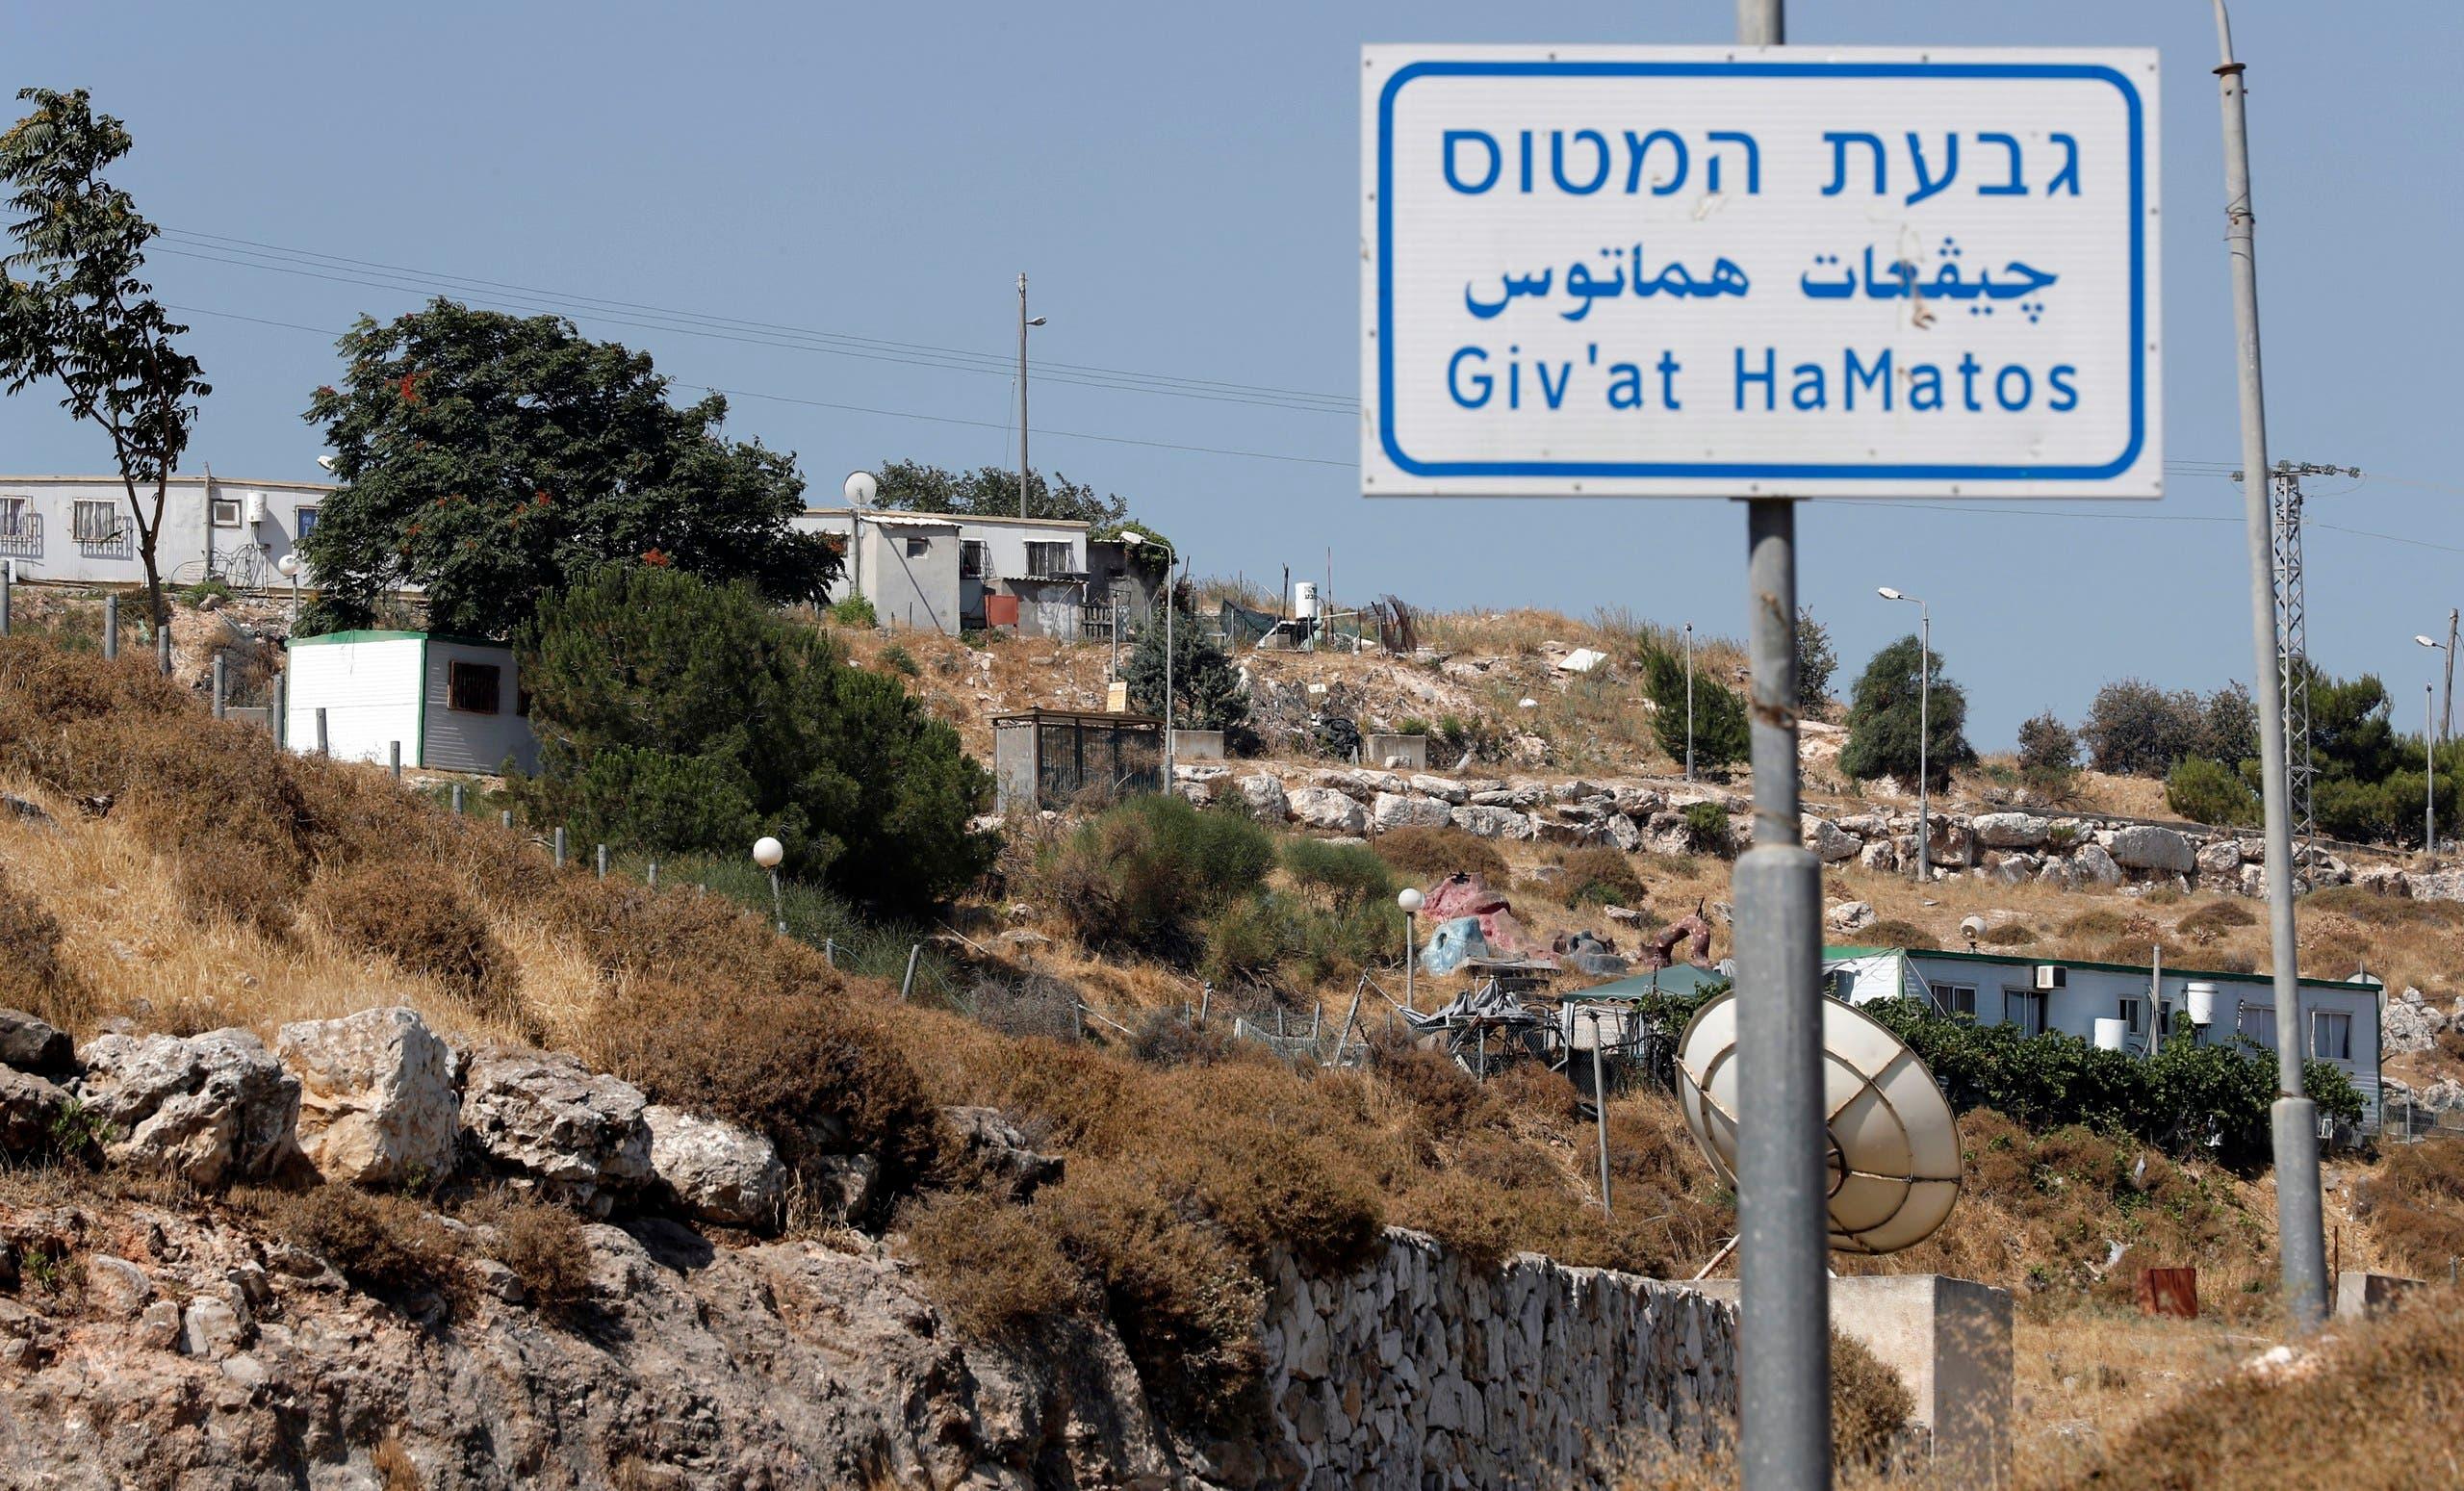 الأرض التي من المقرر بناء مستوطنة جفعات همتوس عليها